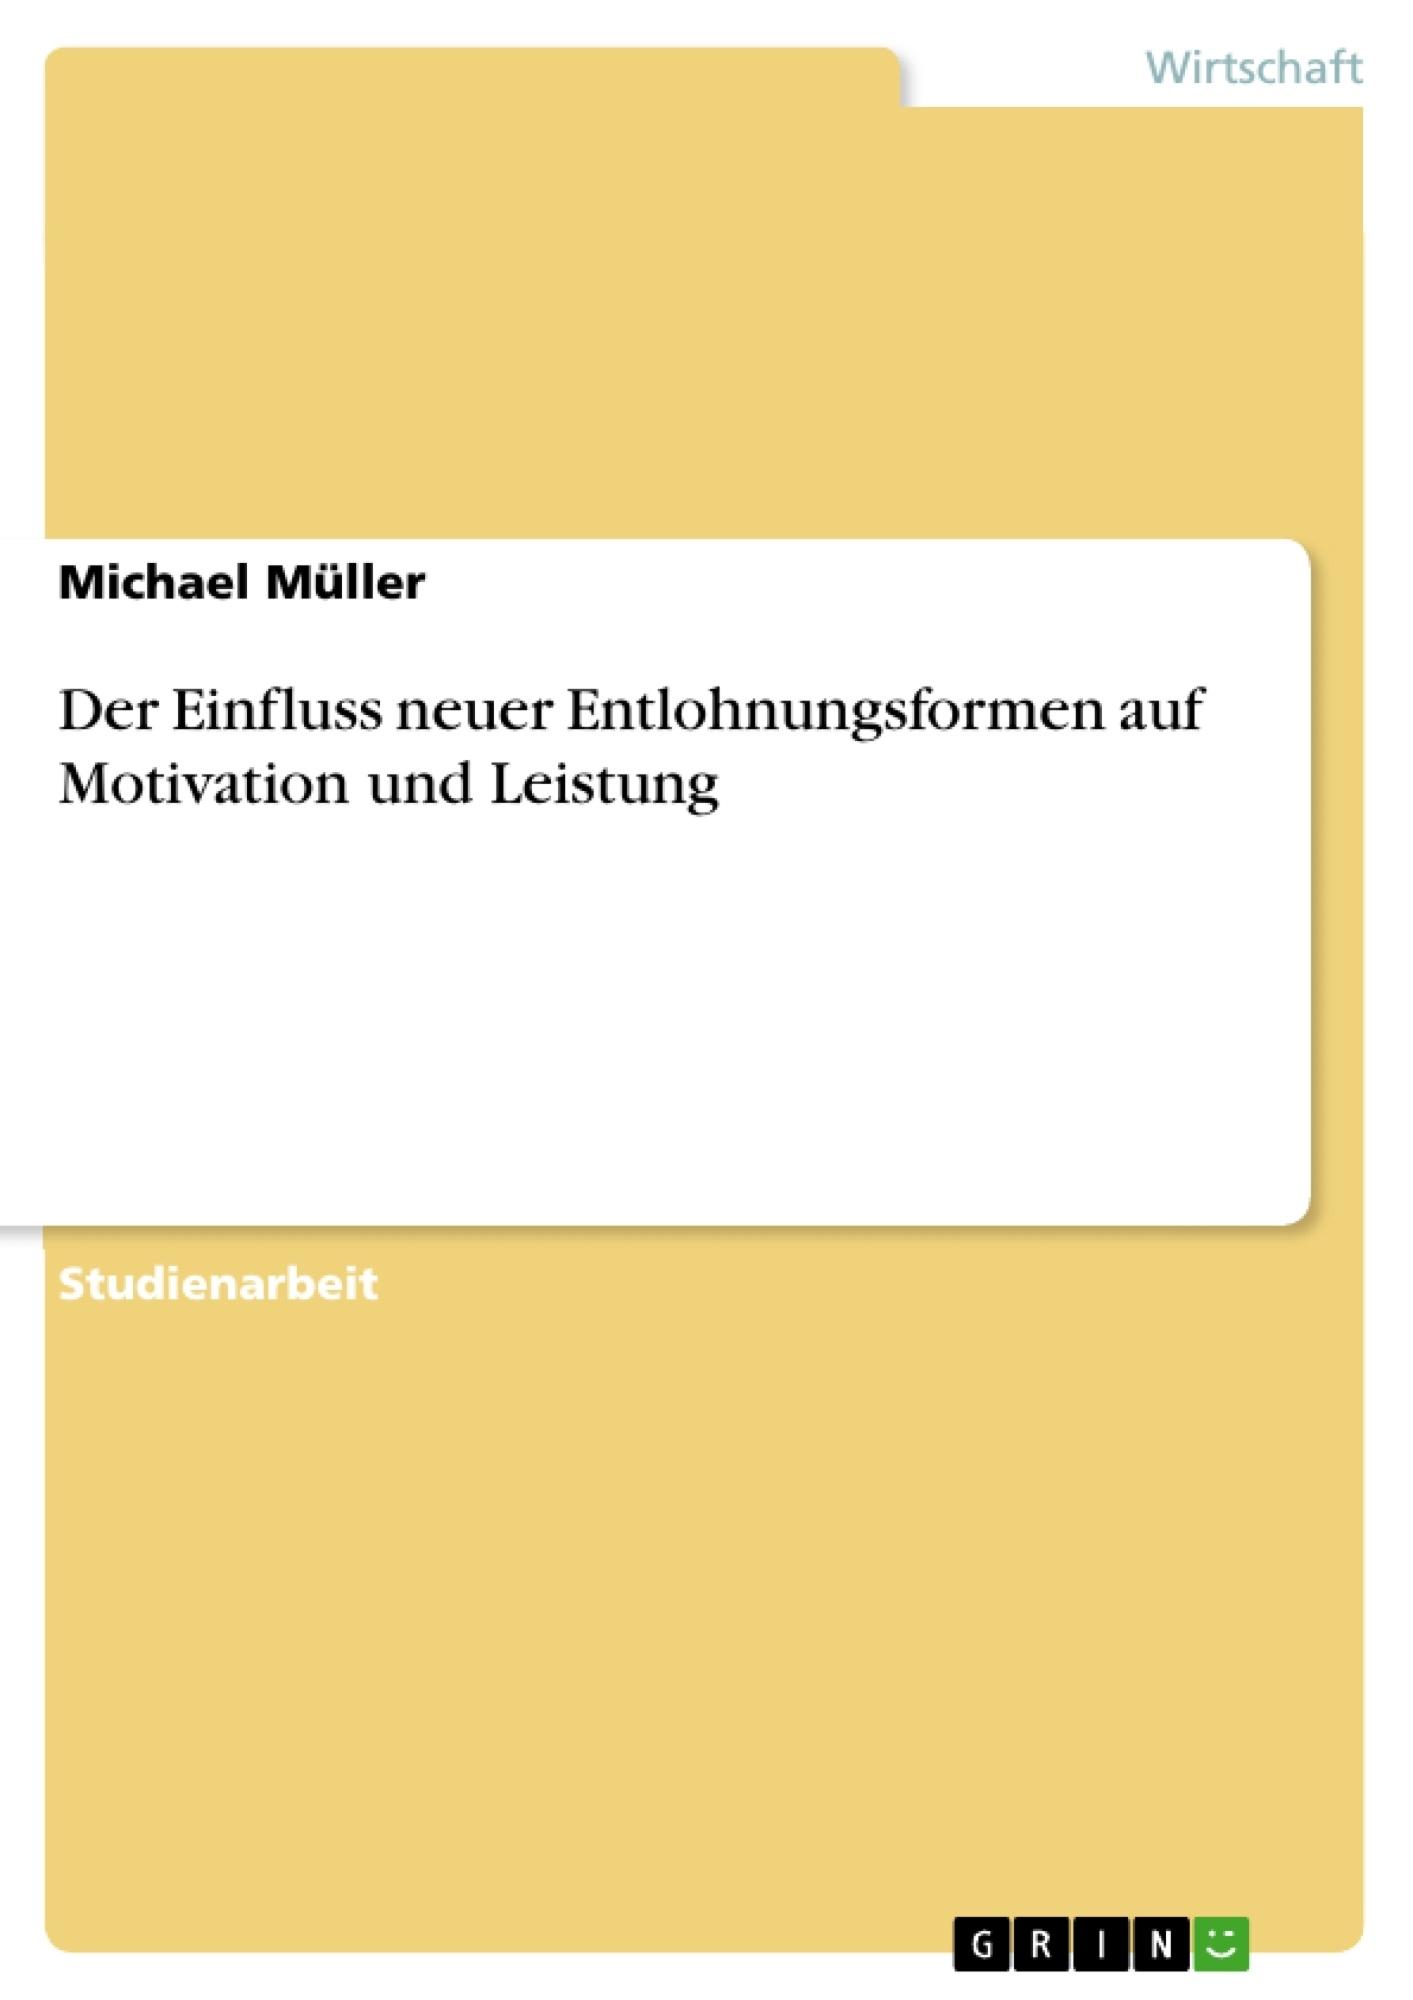 Titel: Der Einfluss neuer Entlohnungsformen auf Motivation und Leistung